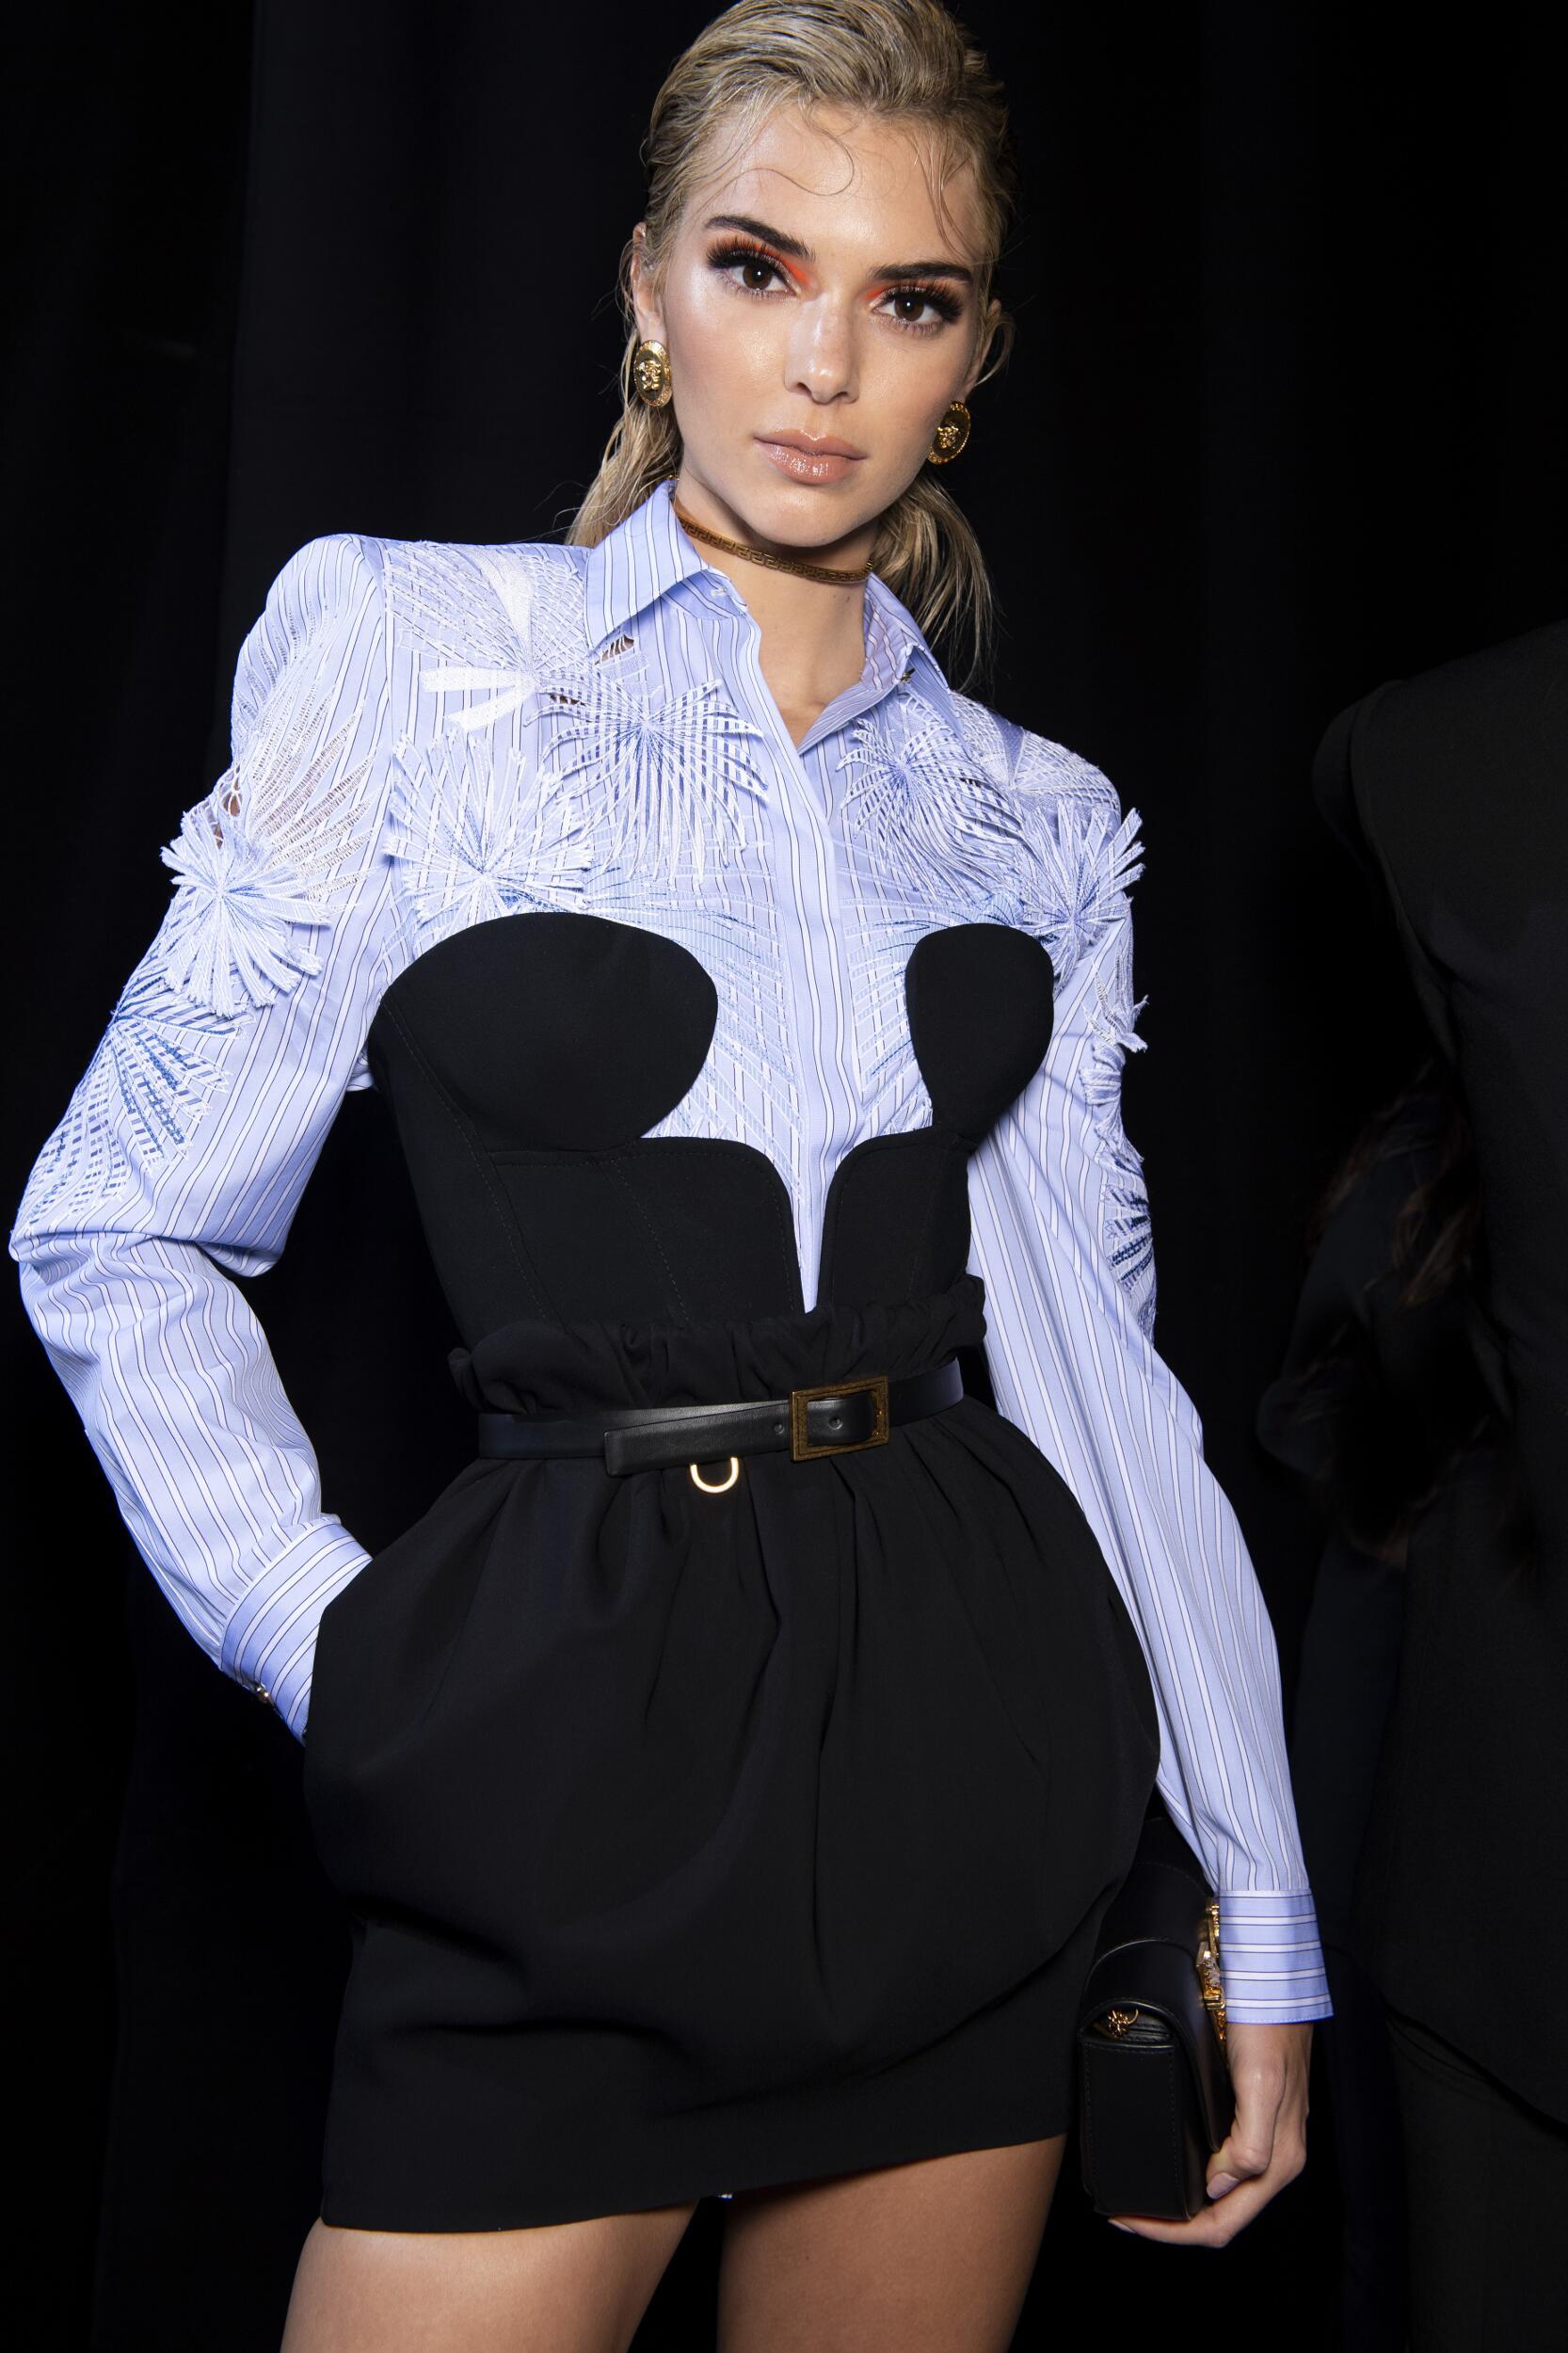 Backstage Versace Model 2020